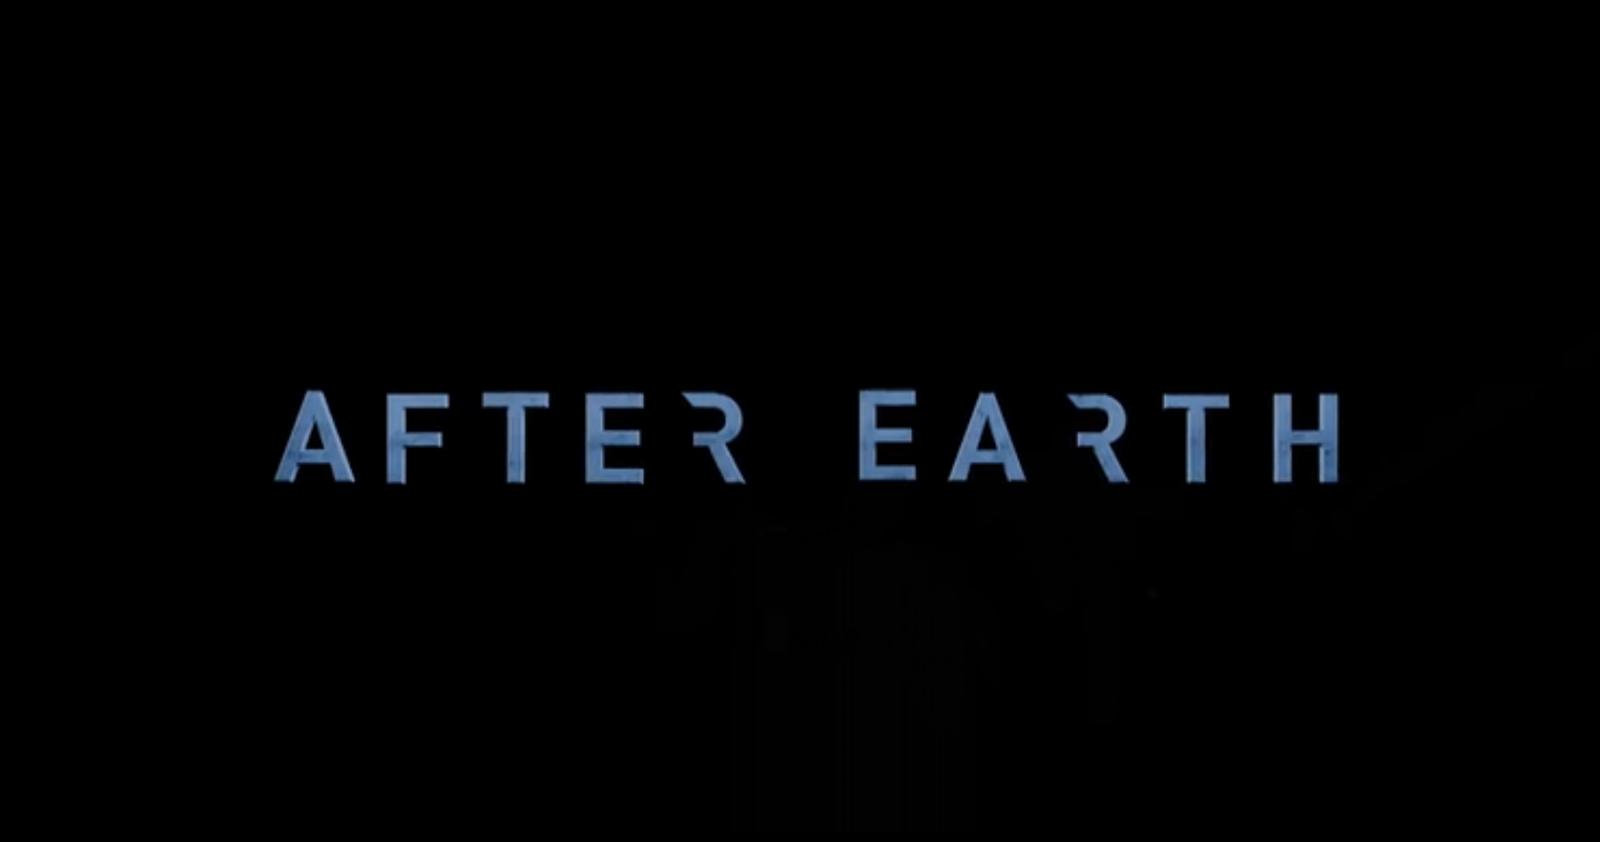 *還有2013年嗎?地球過後:威爾史密斯父子二度同台在After Earth 1